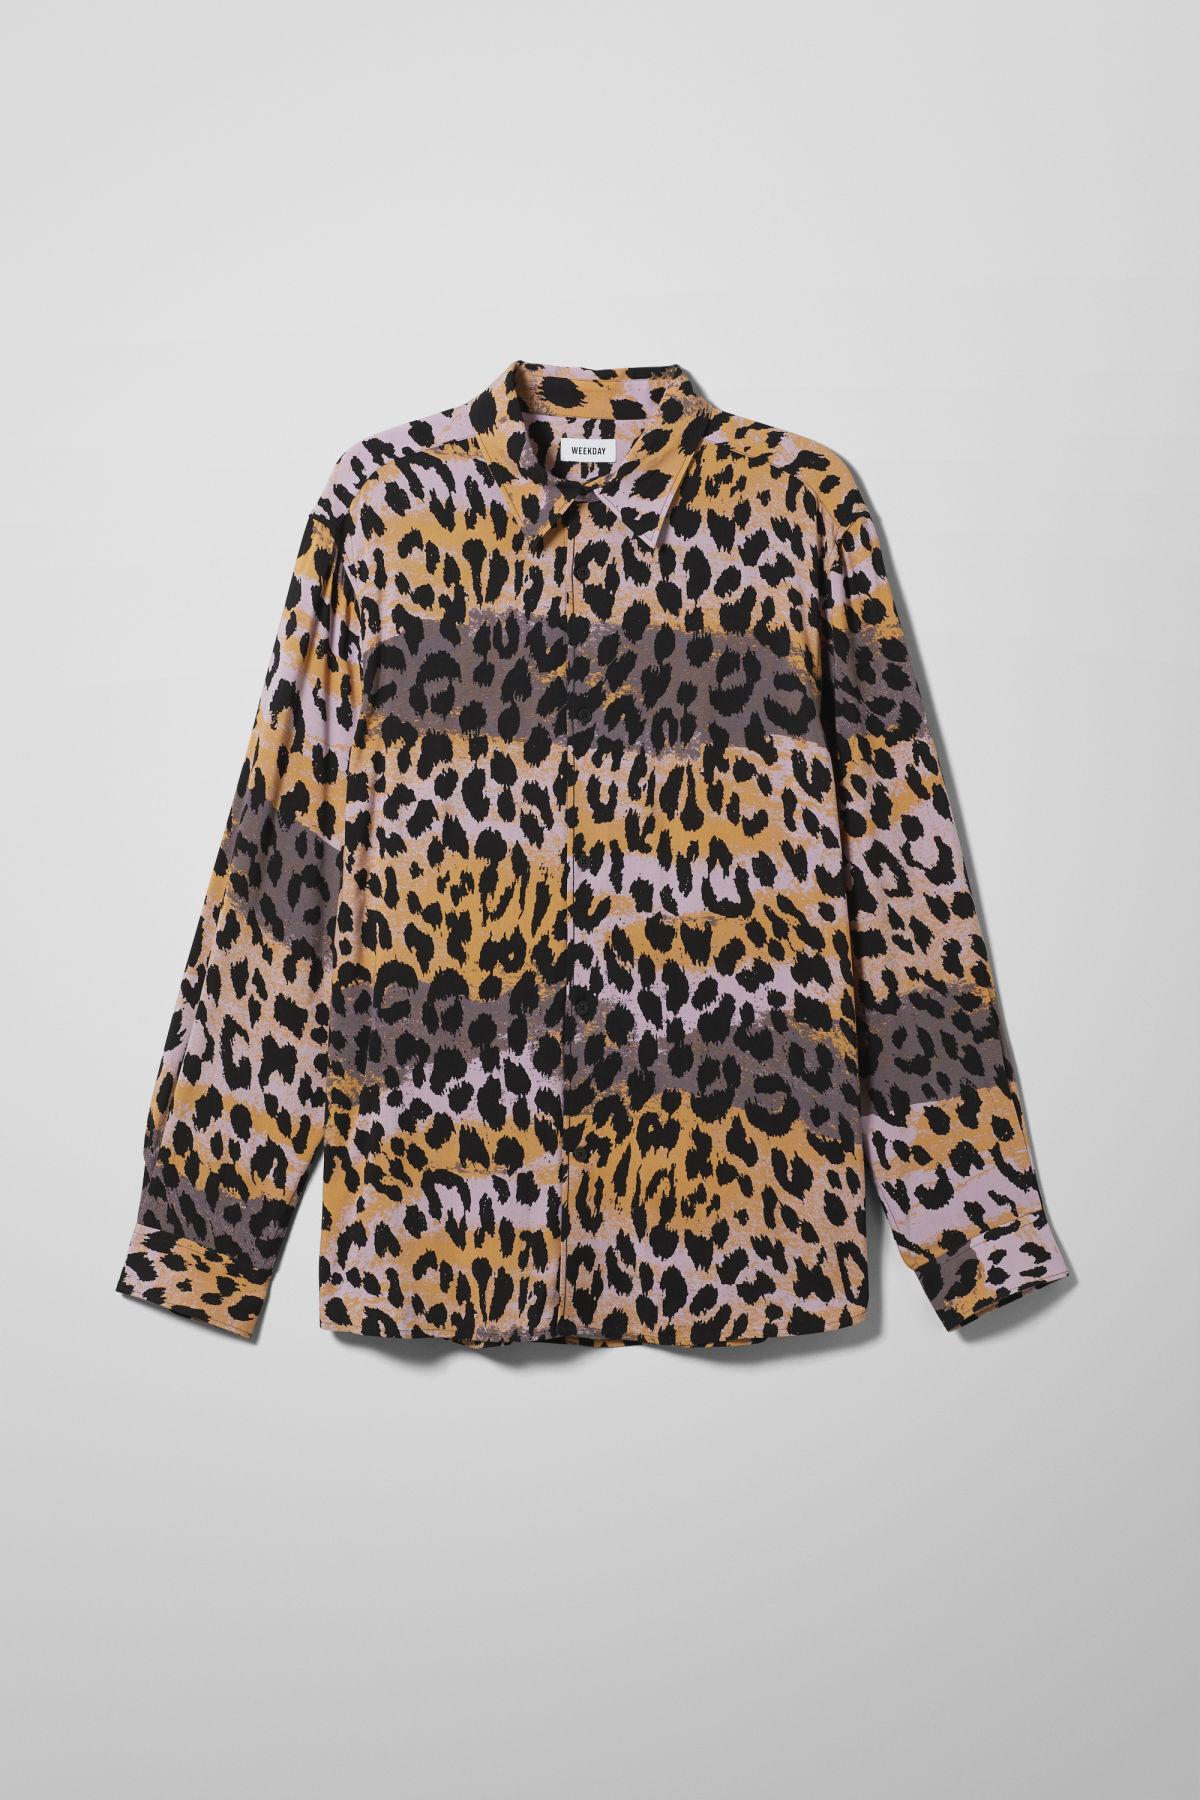 Nino Leo Splash Shirt - Yellow-L